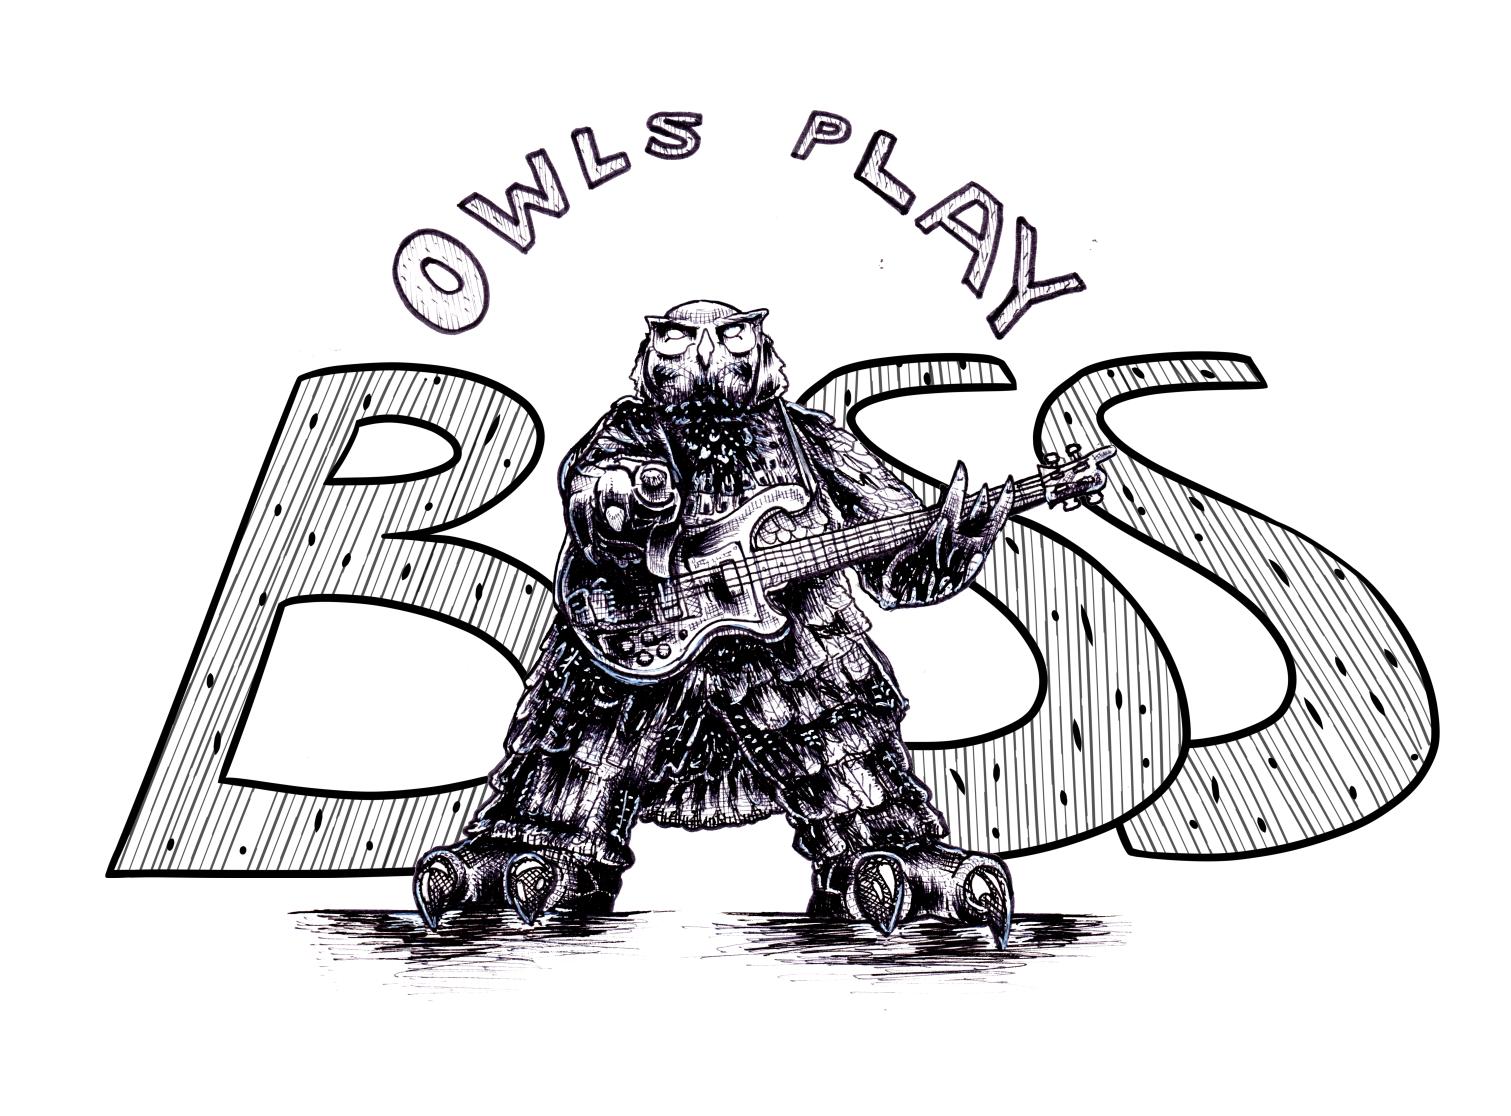 Owls Play Bass